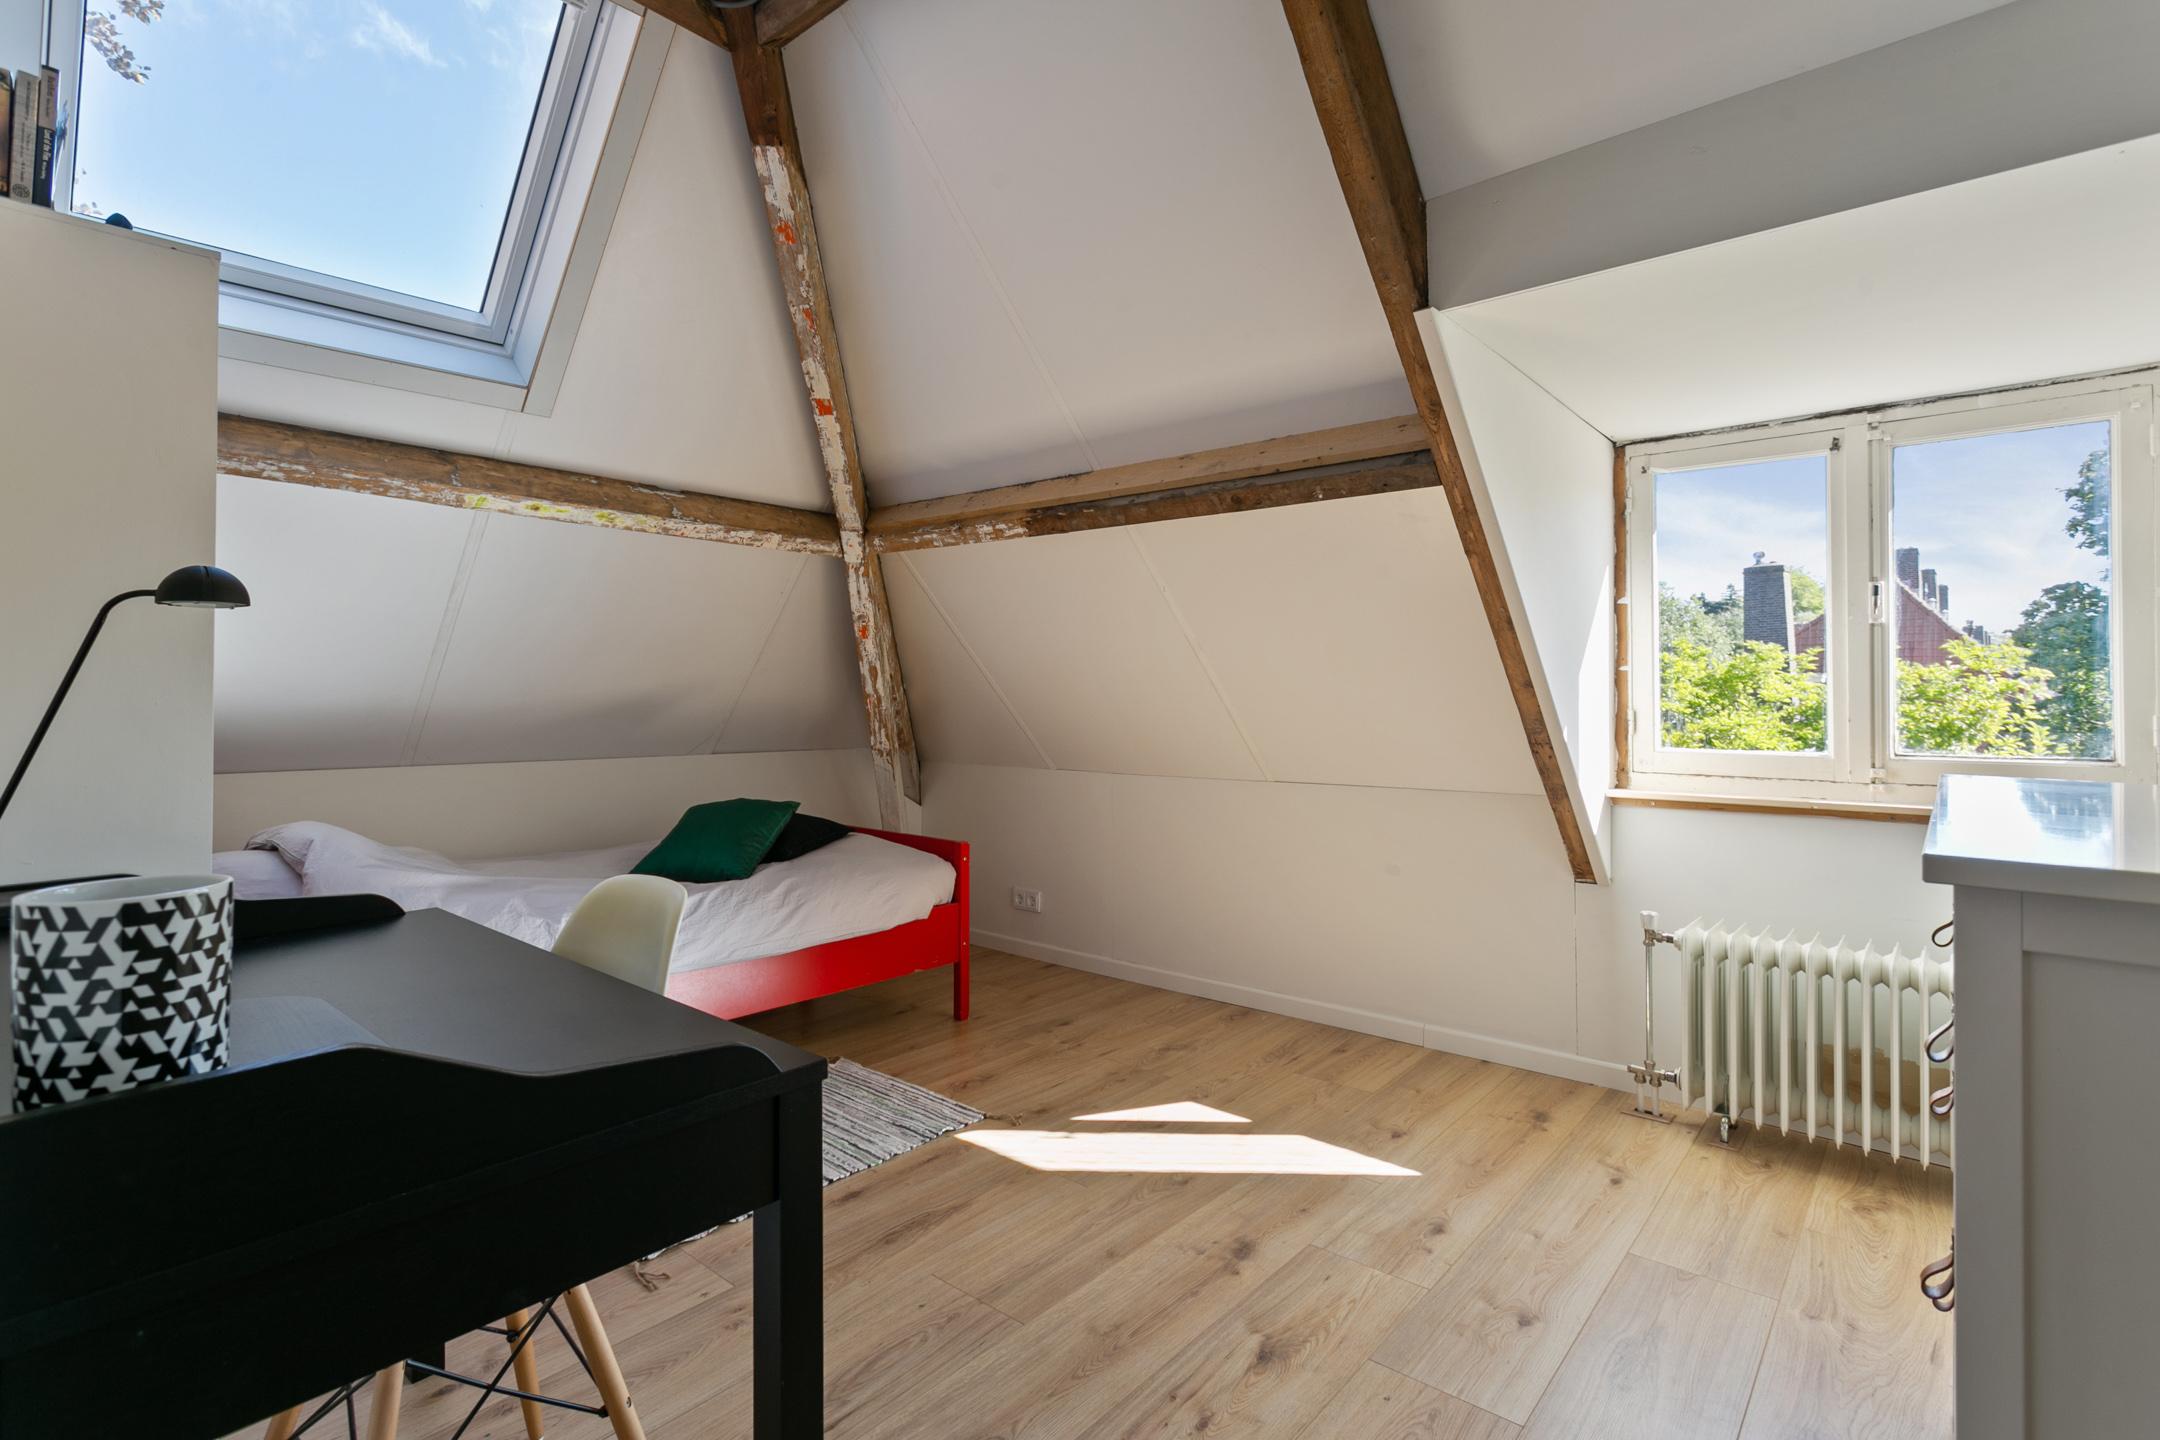 Suzanne_Geux_renovatie en verbouwing_Eindhoven_nieuwe situatie_interieur_10.jpg